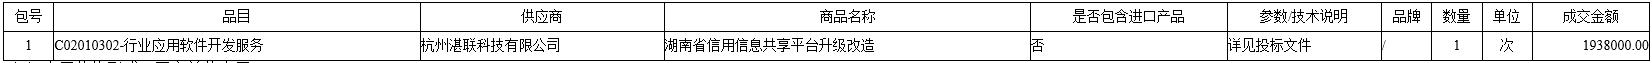 微信截图_20201020111619.png